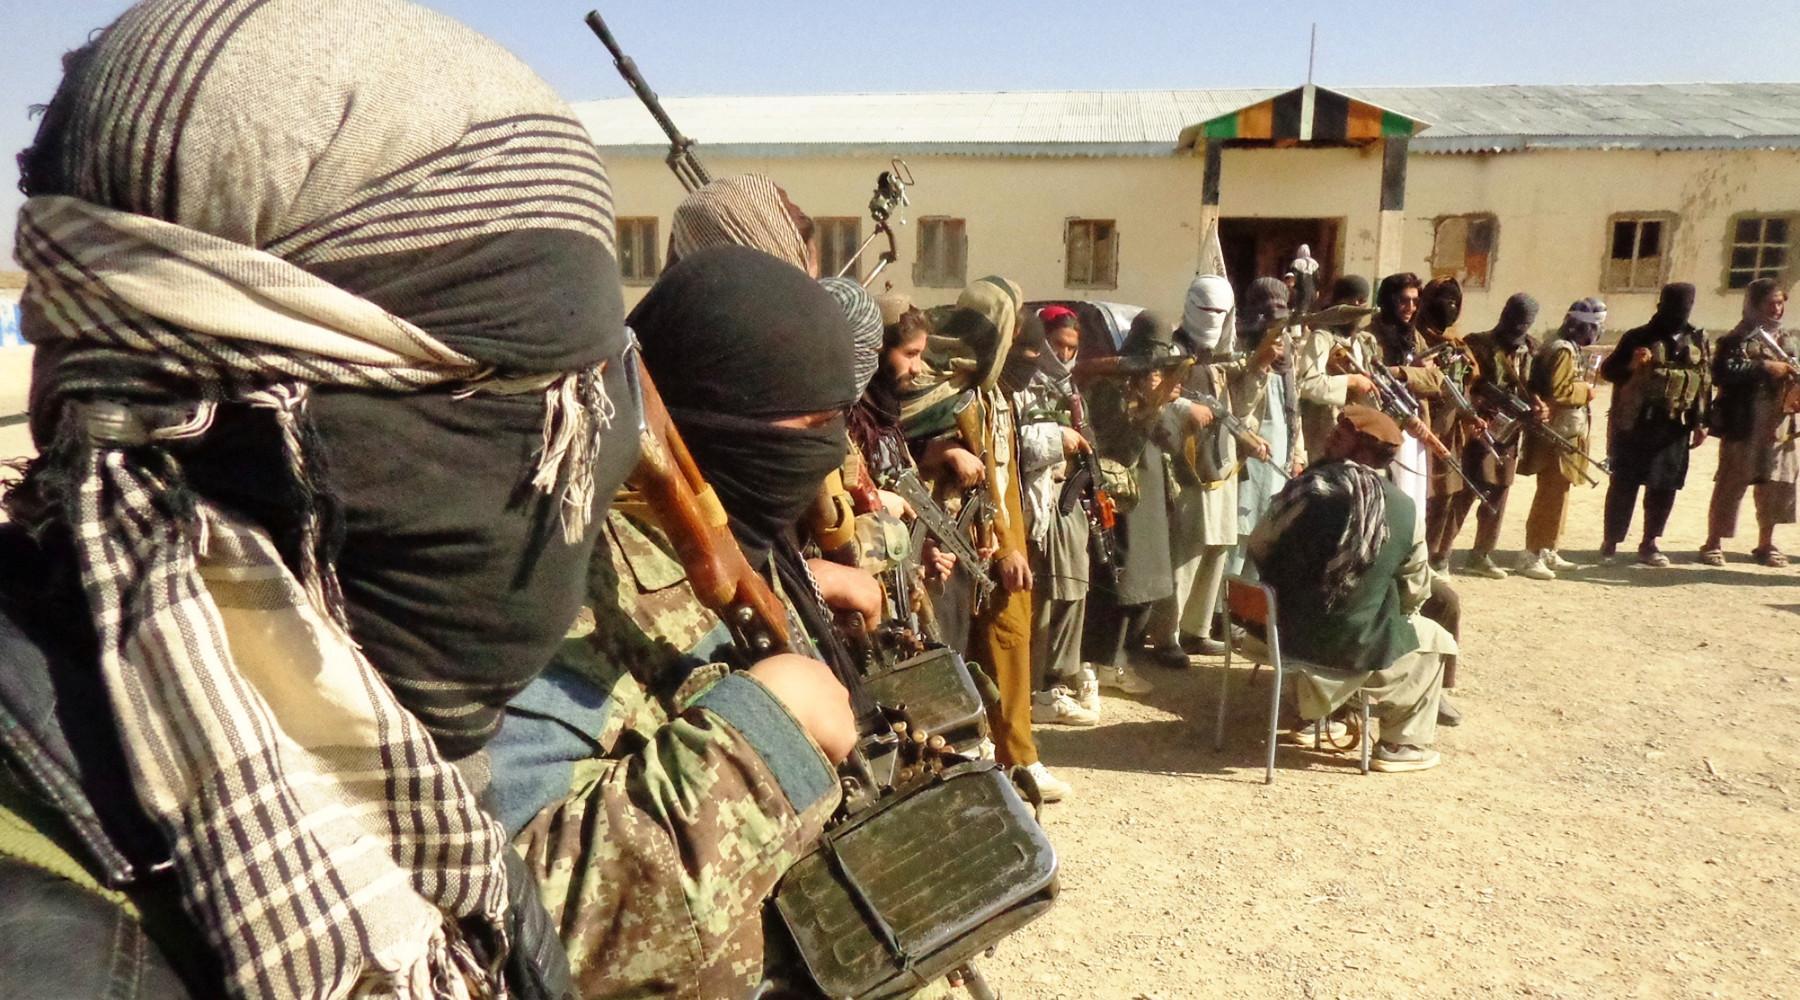 30 people taken hostage by armed men in Afghanistan